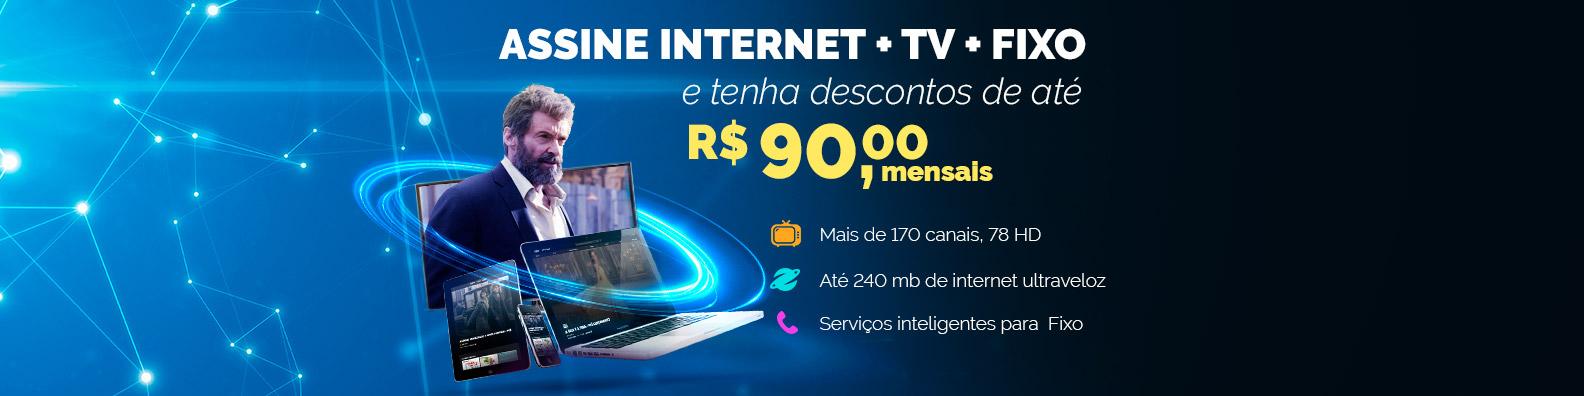 Assine internet + TV + Fixo e tenha descontos de até R$90,00 mensais.